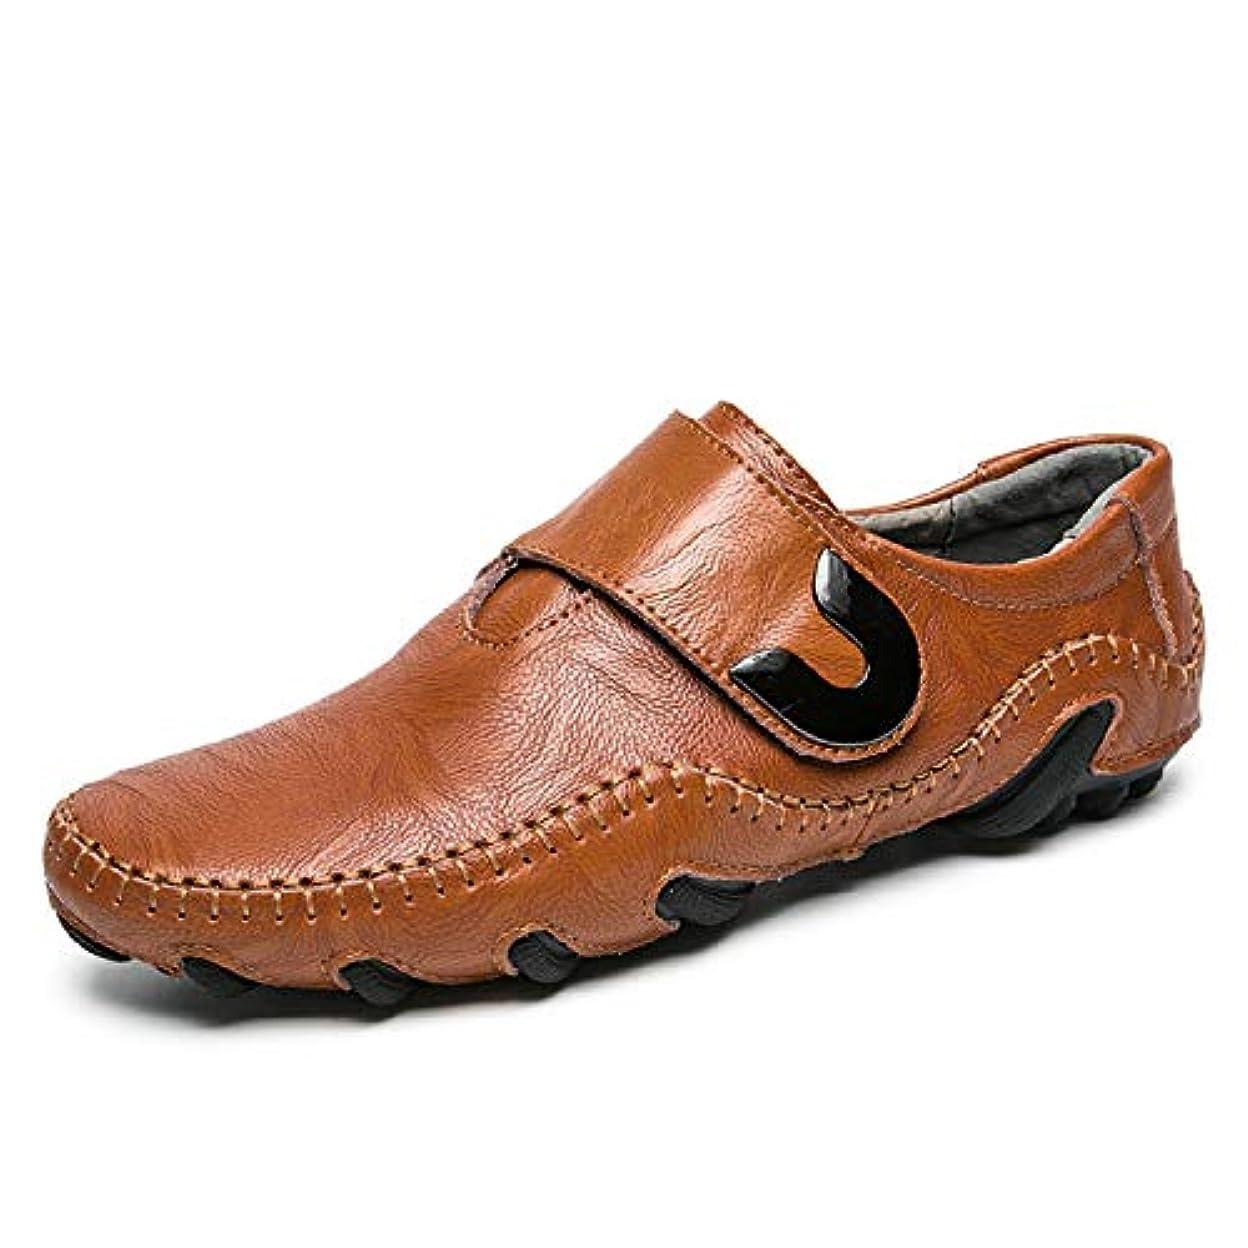 アレンジジャンル確保するドライビングシューズ メンズ ビジネスシューズ 革靴 カジュアルシューズ スリッポン ローファー モカシン 本革 快適 通気 超柔軟(24.0cm-27.0cm)